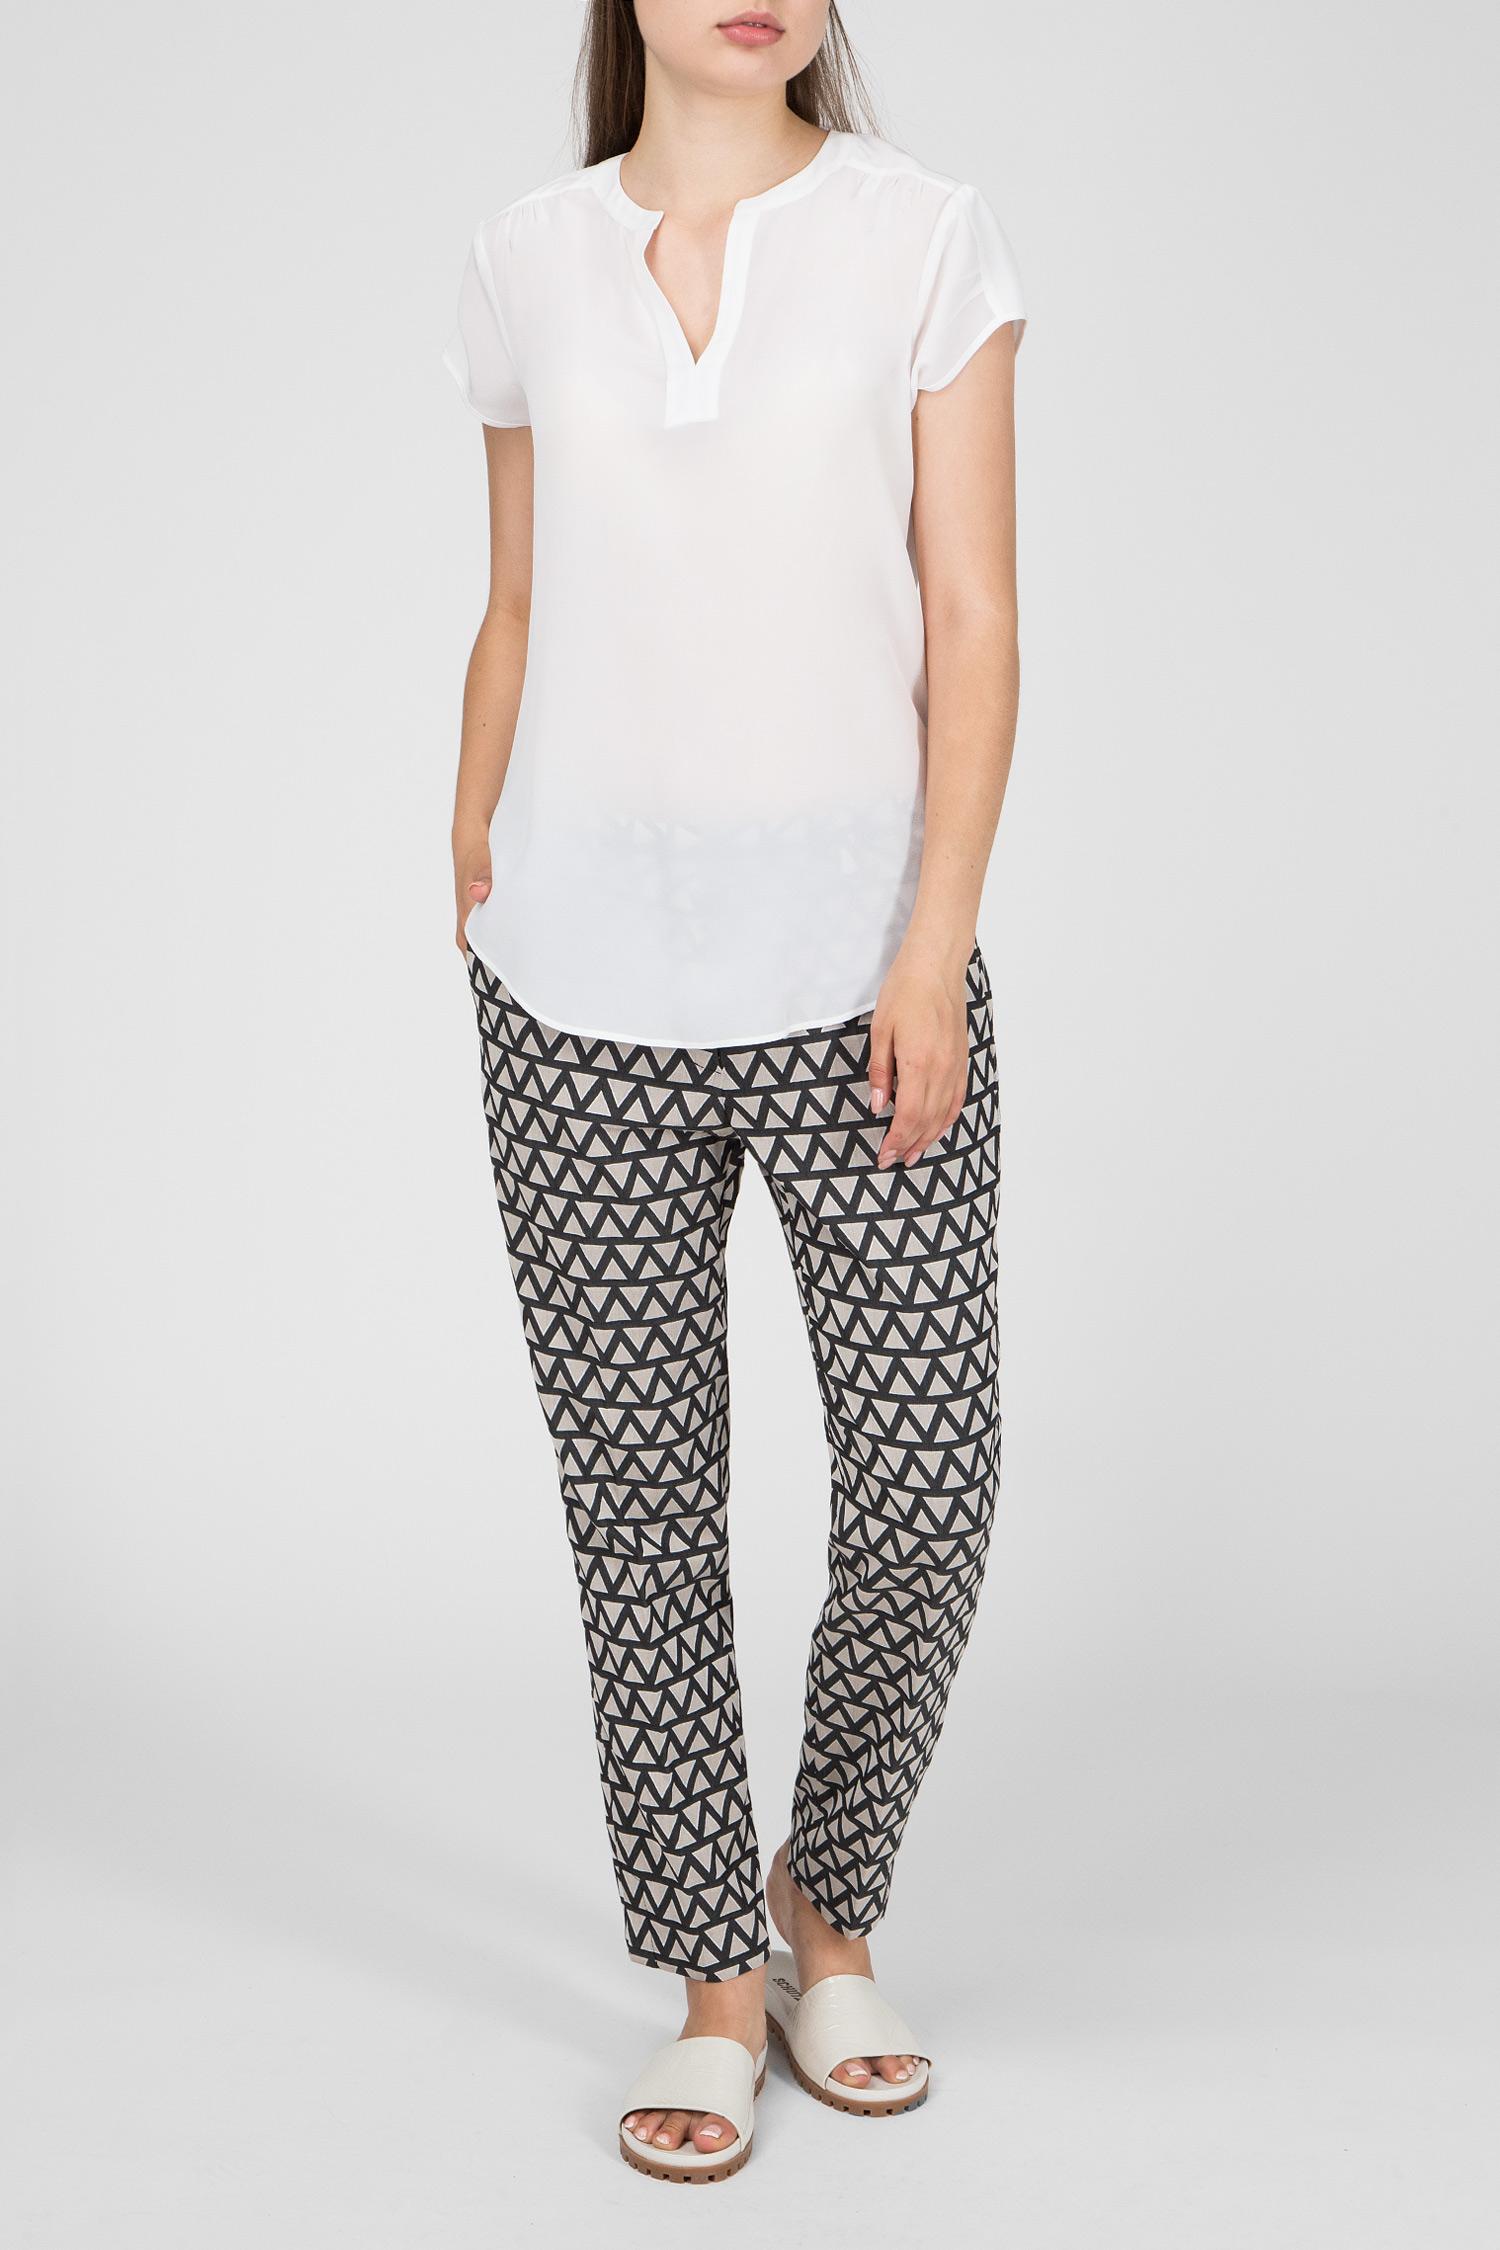 Купить Женская белая блуза Barba Napoli Barba Napoli PE18610146501 – Киев, Украина. Цены в интернет магазине MD Fashion